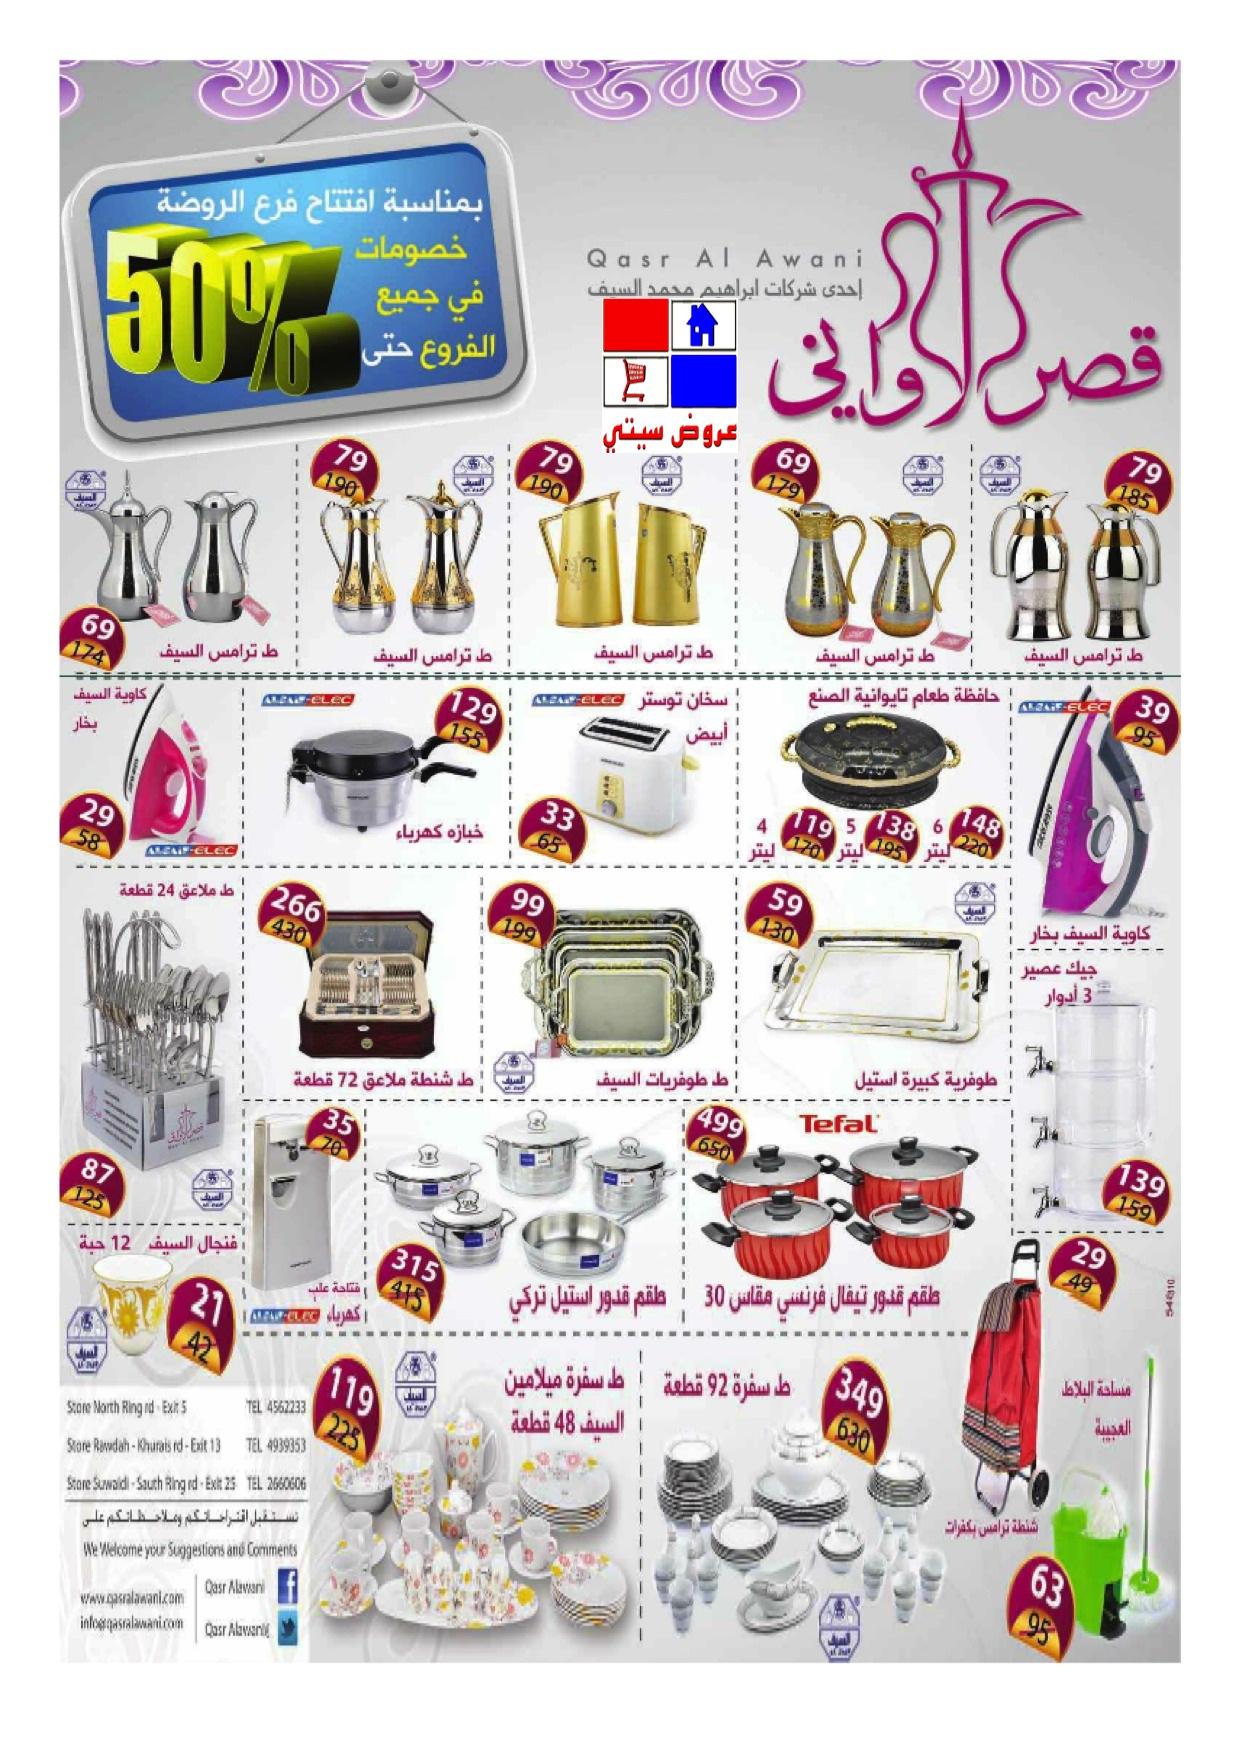 قصر الاواني في الرياض مسوى تنزيلات ٥٠٪ 6426.imgcache.jpeg